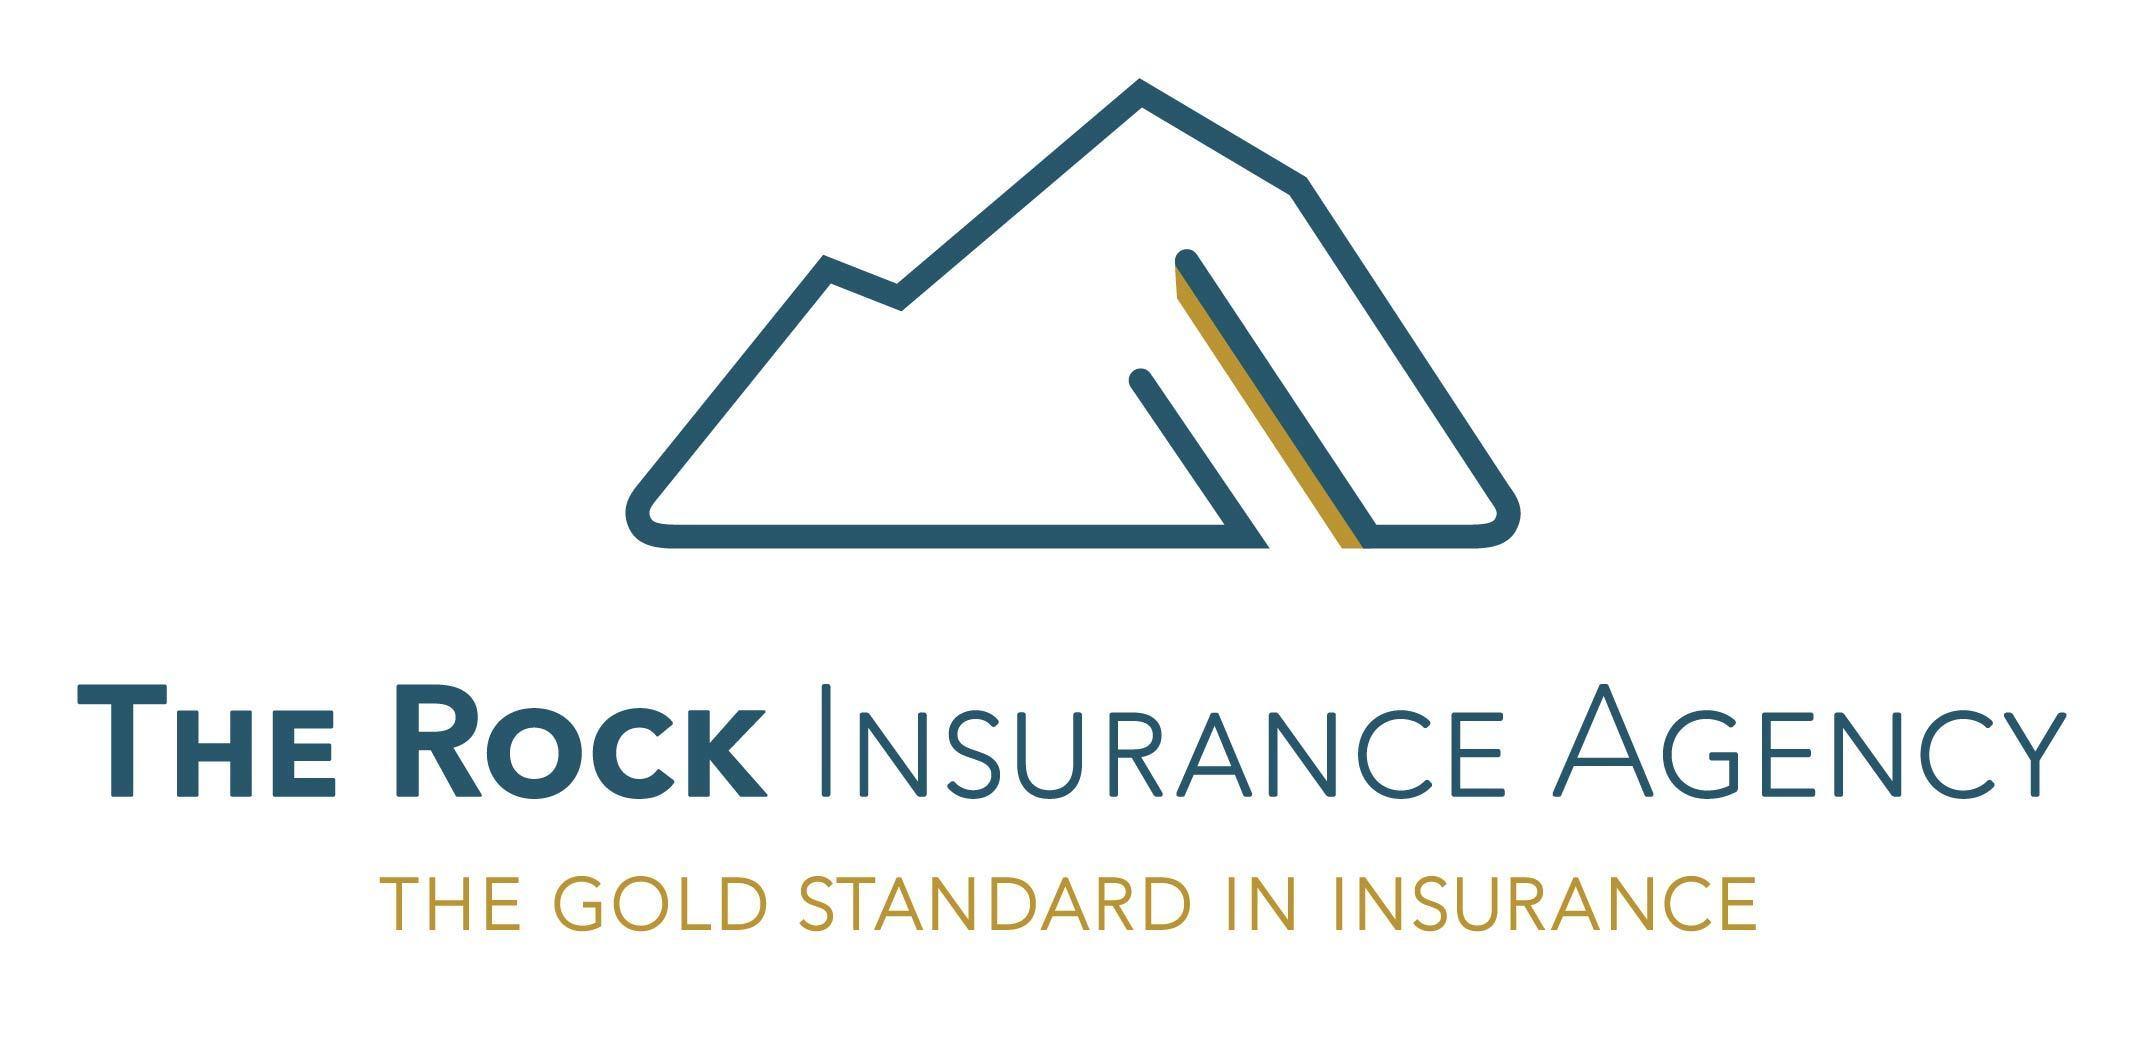 The Rock Insurance Agency